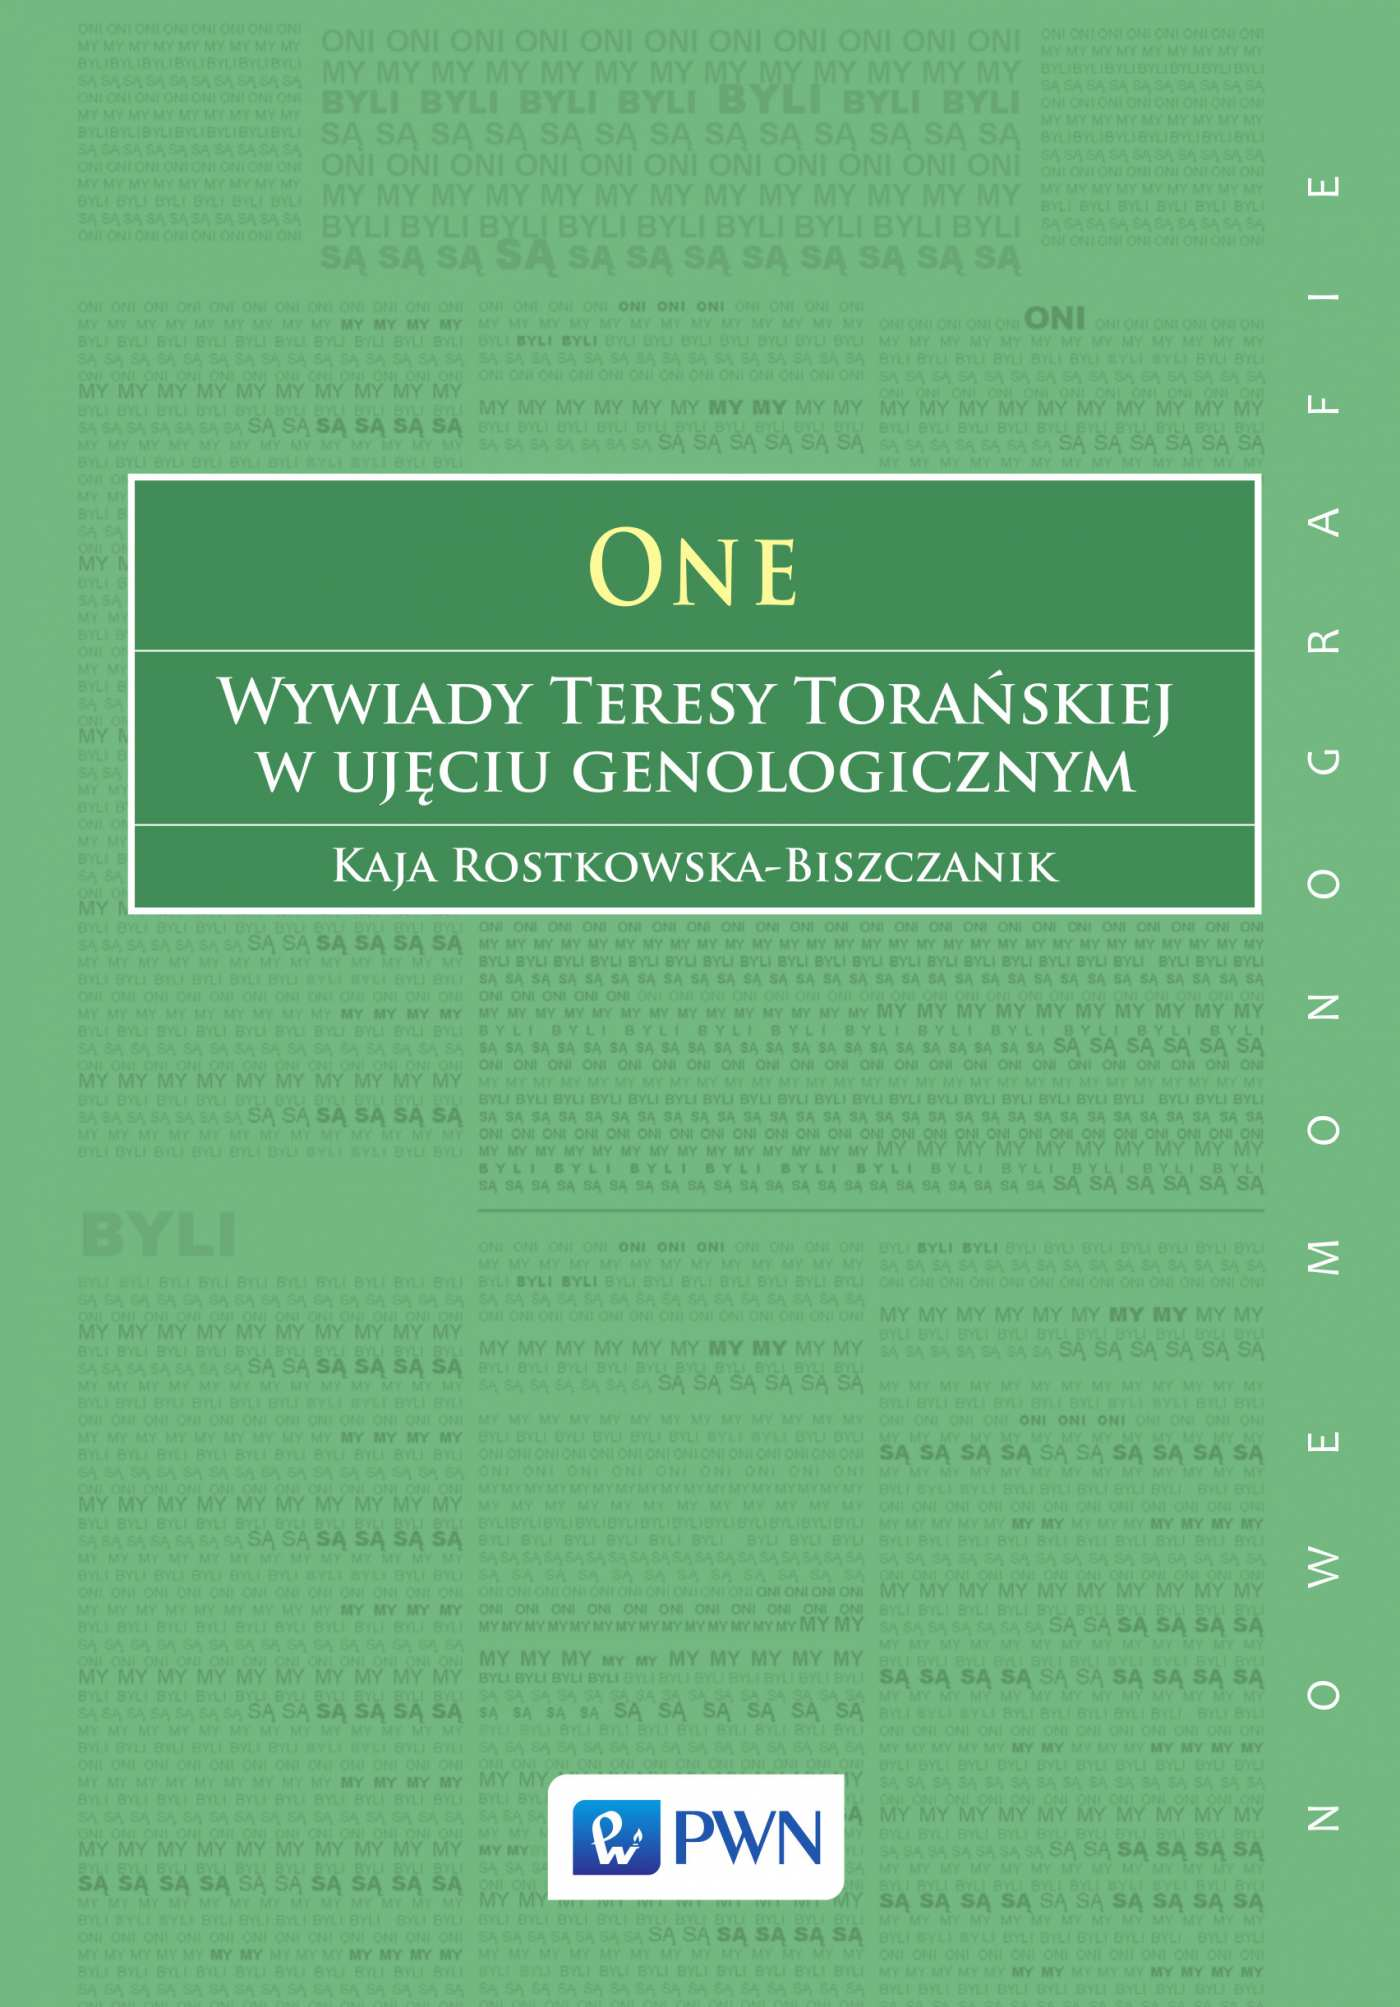 ONE. Wywiady Teresy Torańskiej w ujęciu genologoicznym - Ebook (Książka EPUB) do pobrania w formacie EPUB